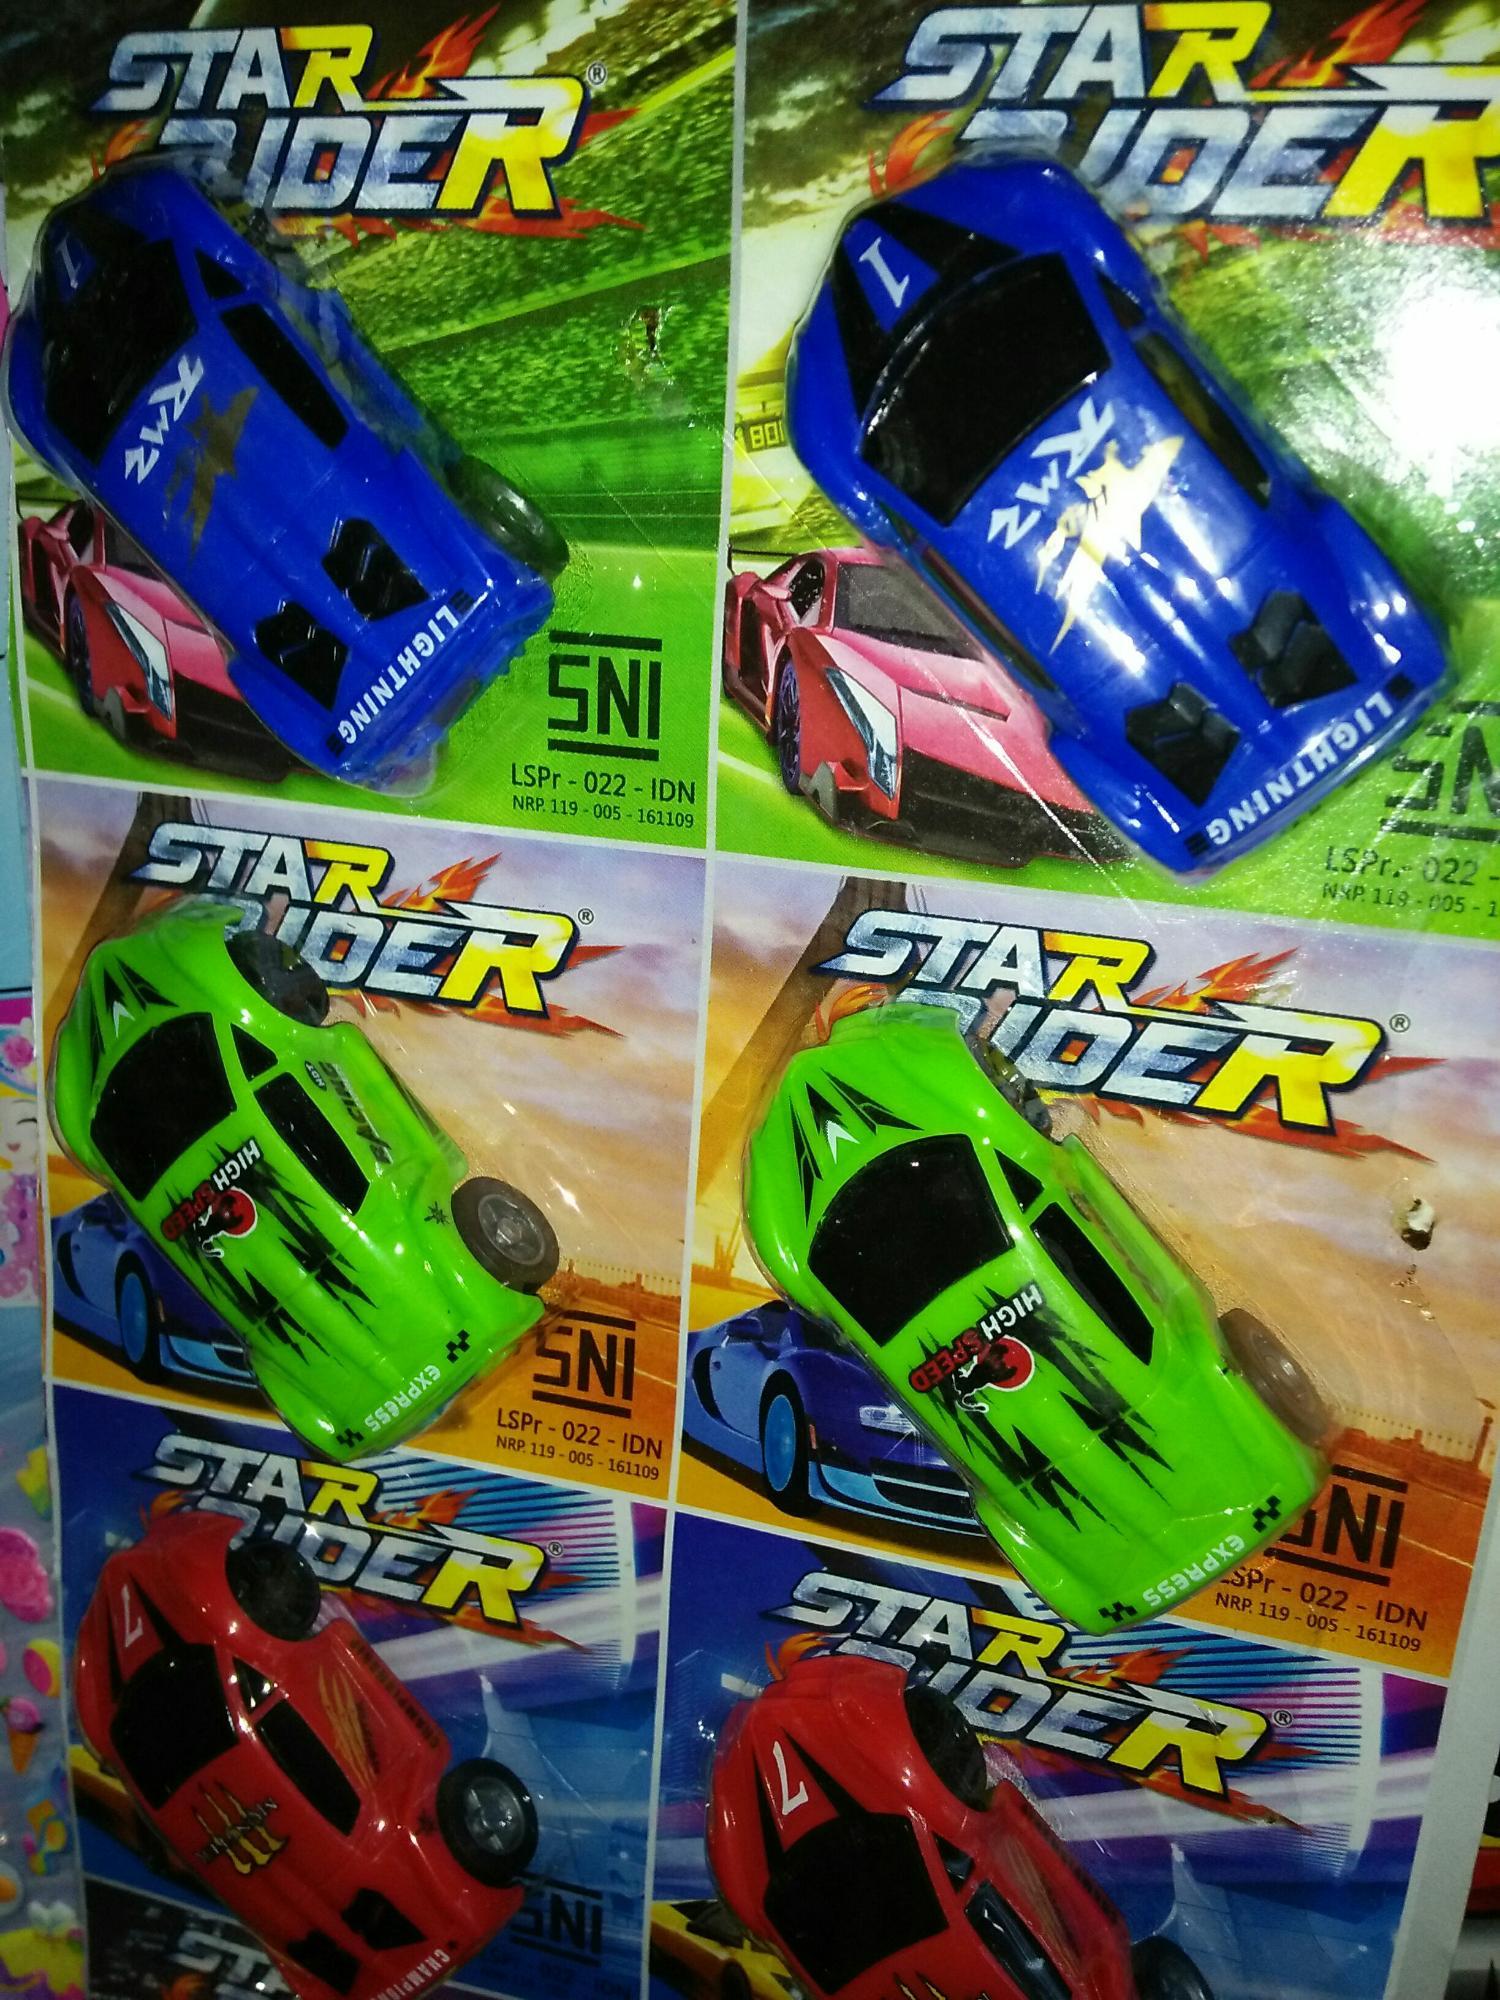 WSK mainan 3 mobil balap star rider